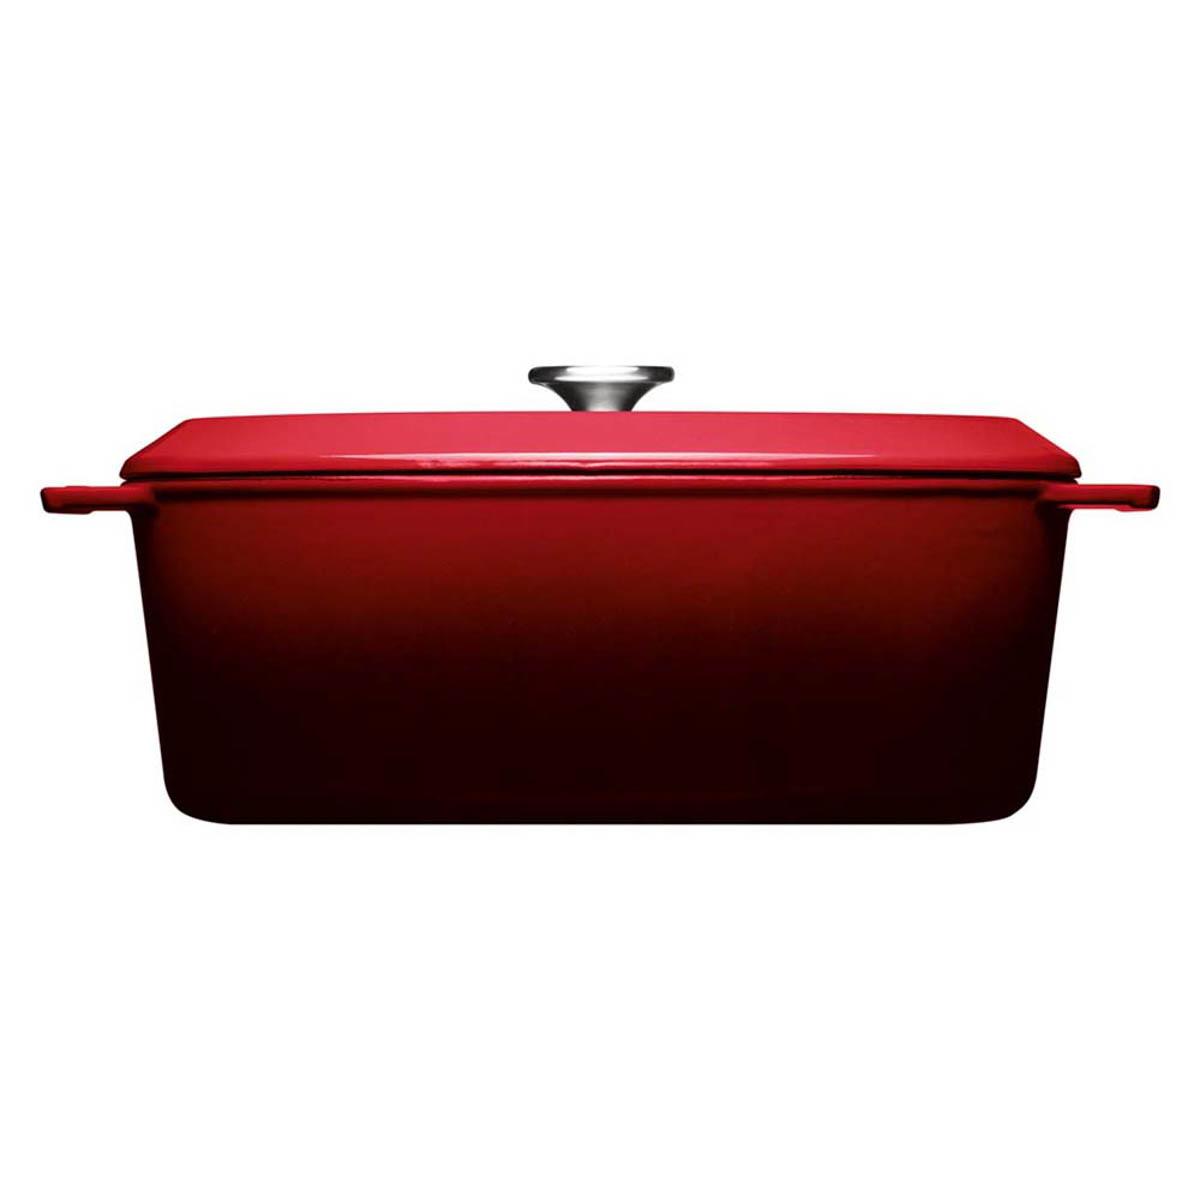 Woll Iron Bräter mit Deckel 34 x 26 cm cm Rot